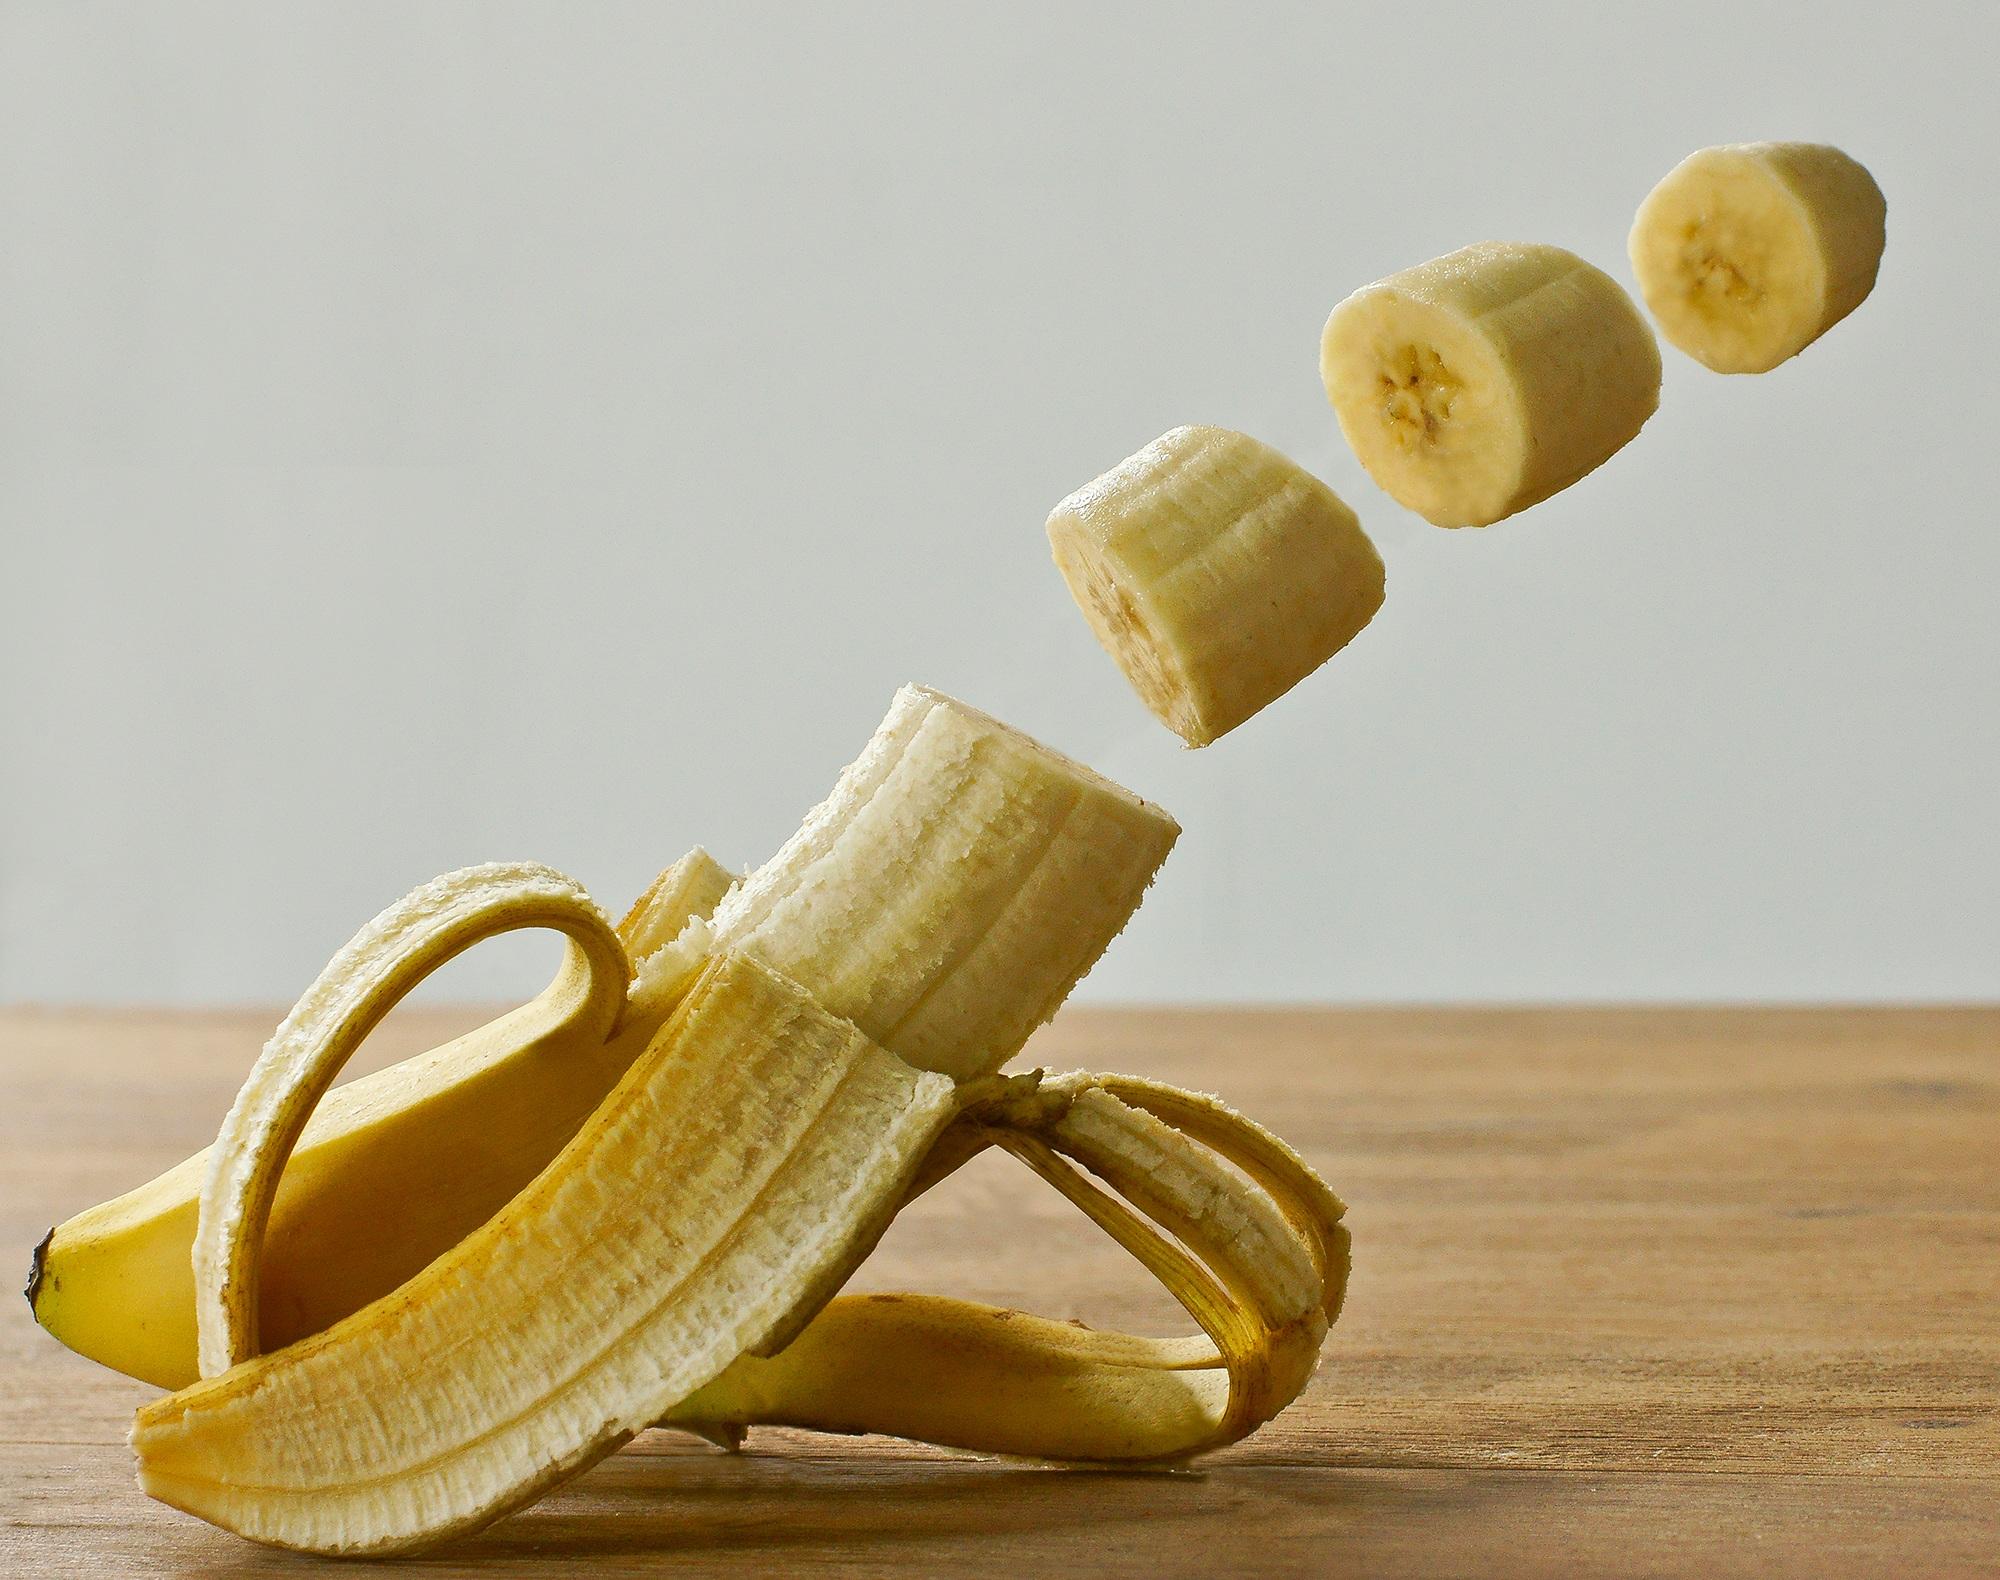 Chuối là trái cây nhiều vitamin nhưng vẫn không mọng nước, phù hợp với mẹ bầu dư ối